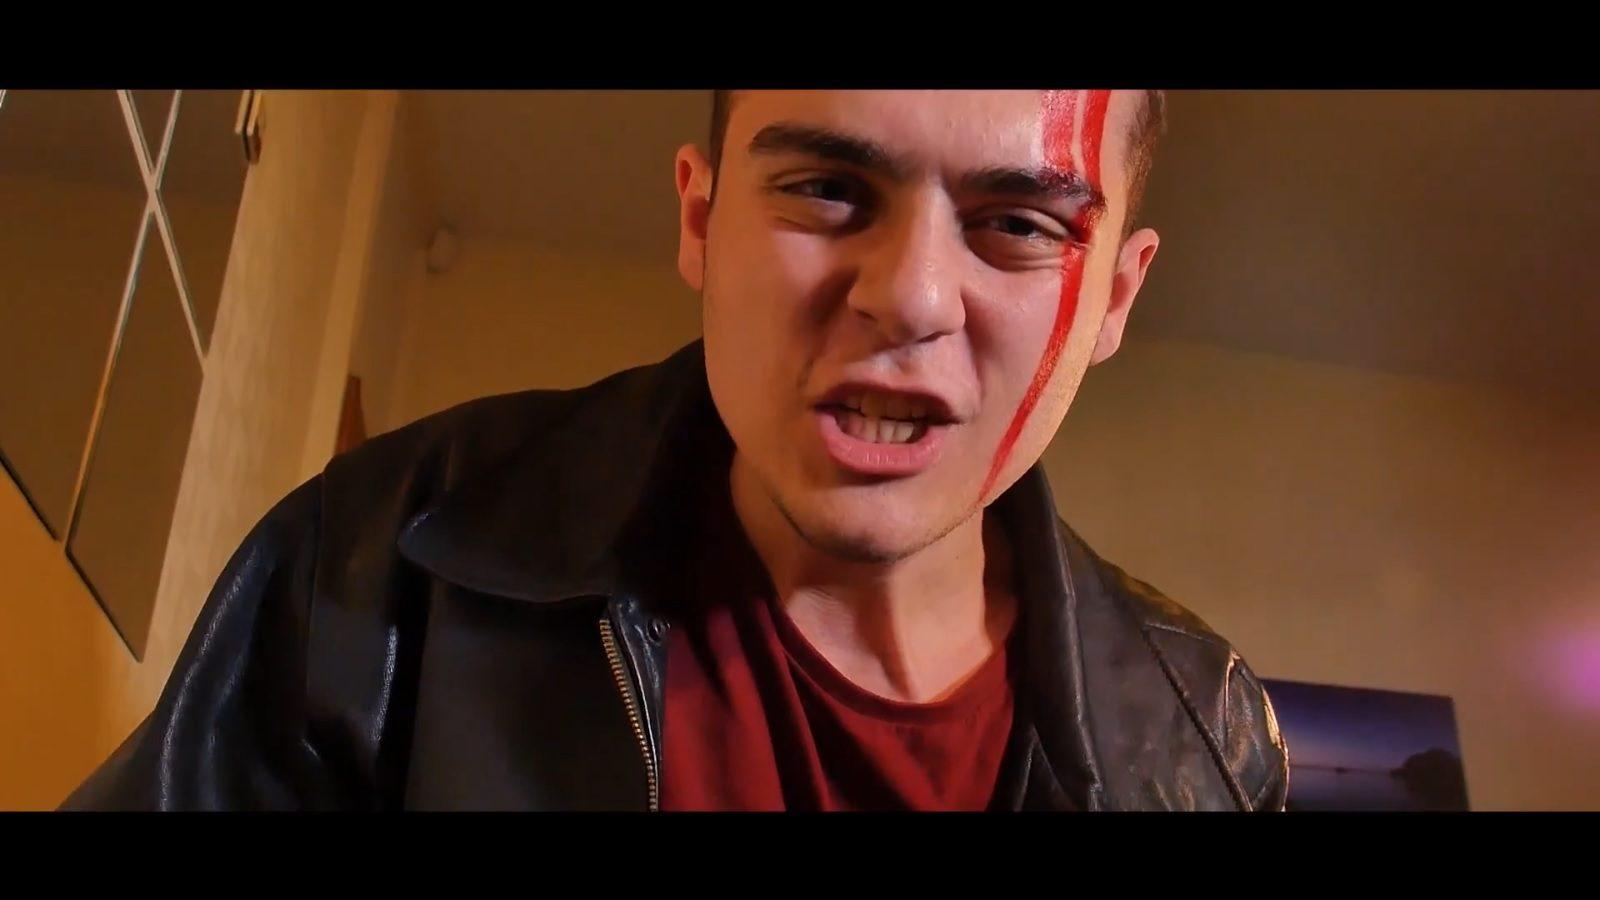 Still from LUFP student short film Worst Case Scenario of Victor Pirvu